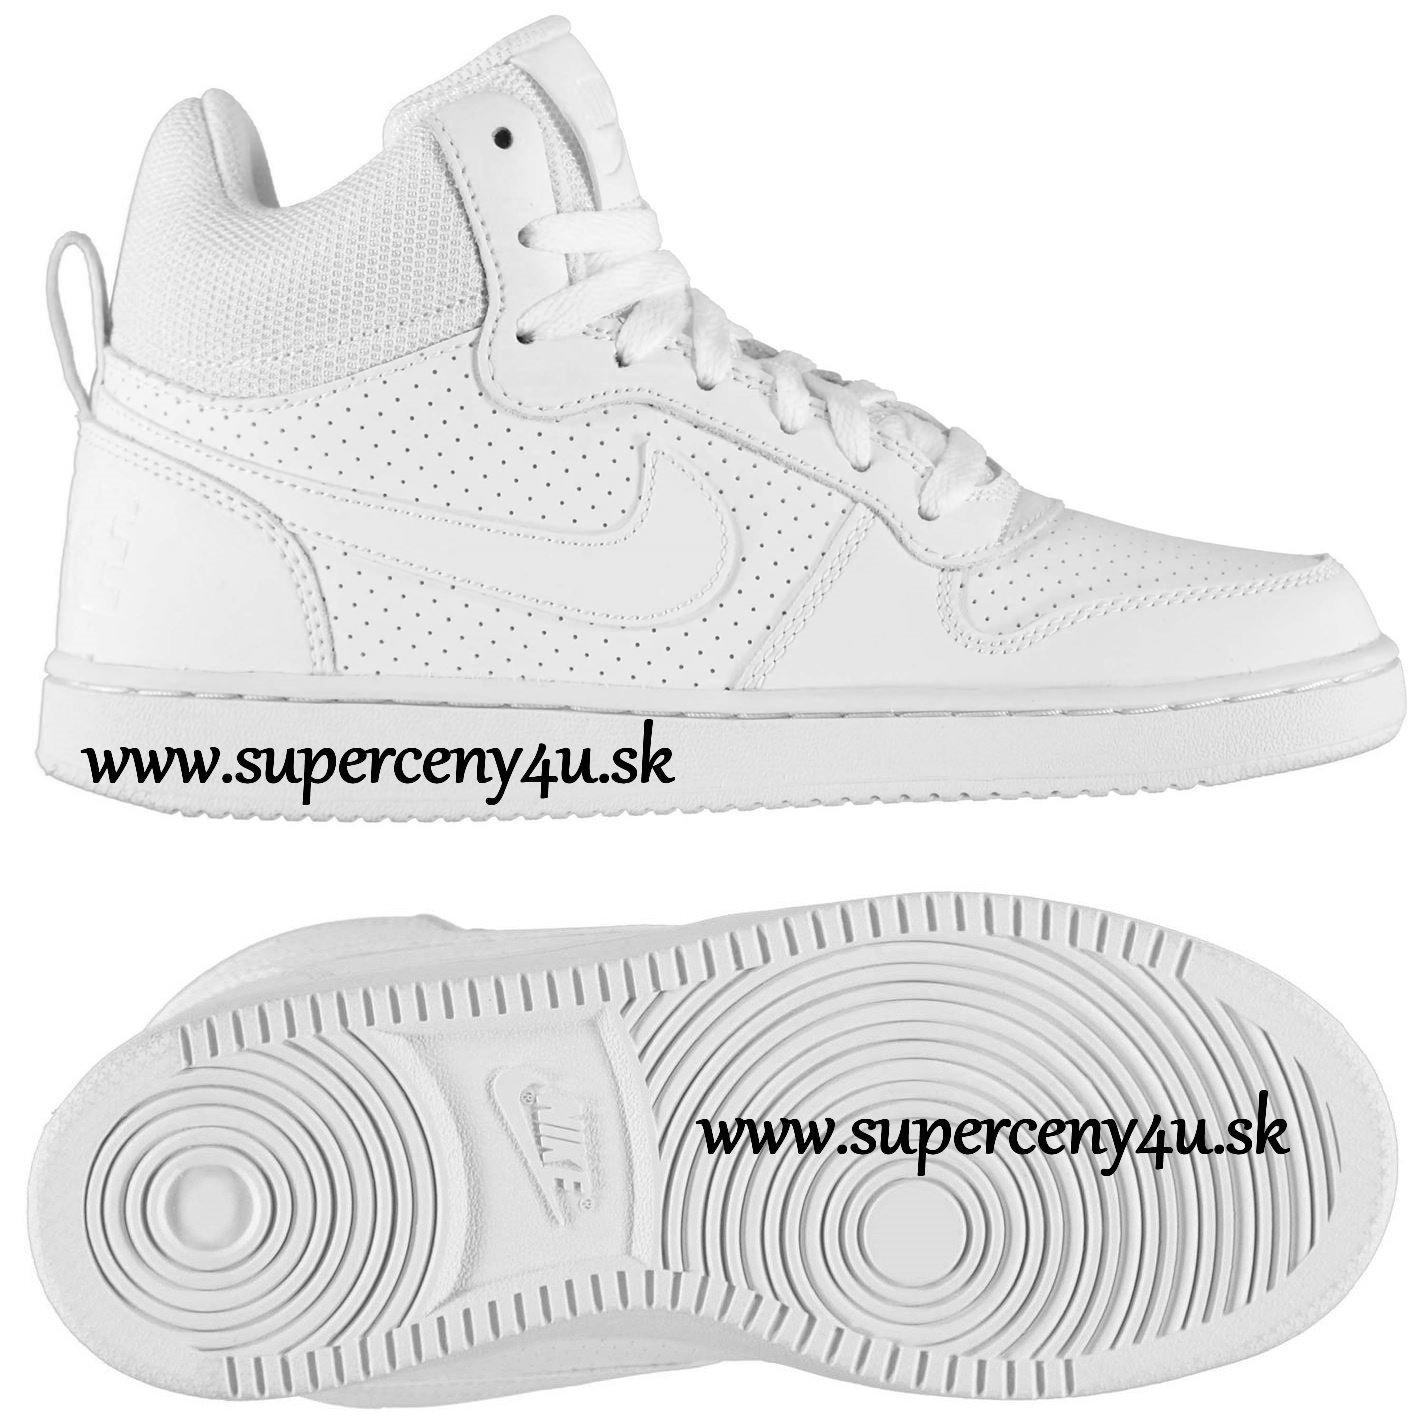 8256974b731a4 Nike dámske členkové tenisky /č.4, č.8 uk/, nike,37 / 42 - 49,90 € od  predávajúcej superceny4u | Detský bazár | ModryKonik.sk